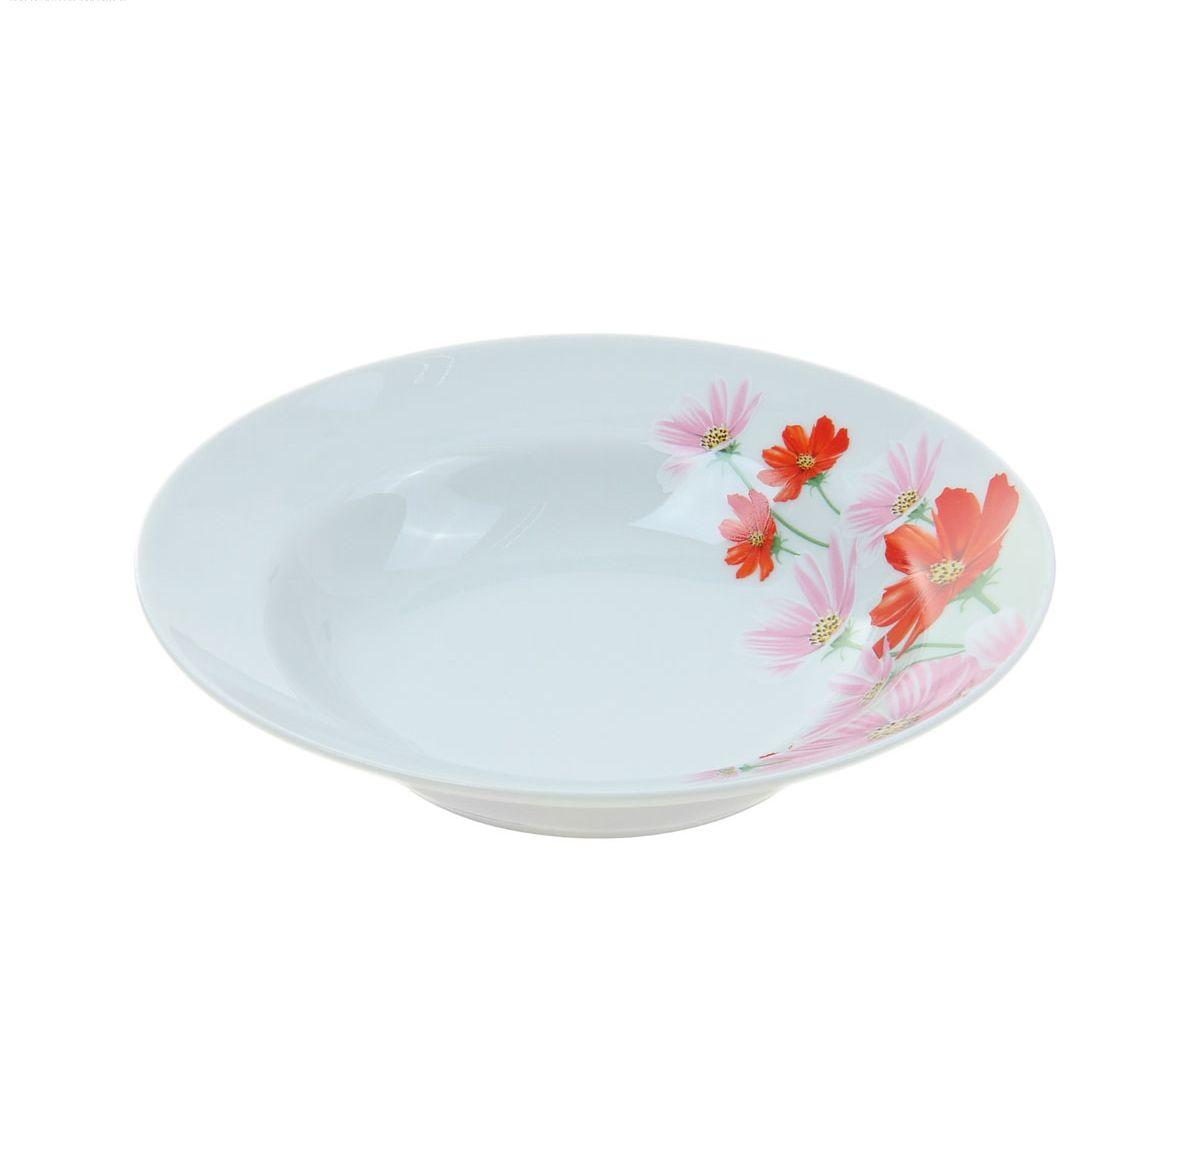 """Глубокая тарелка """"Идиллия. Космея"""" выполнена из высококачественного фарфора и украшена ярким цветочным рисунком. Она прекрасно впишется в интерьер вашей кухни и станет достойным дополнением к кухонному инвентарю. Тарелка """"Идиллия. Космея"""" подчеркнет прекрасный вкус хозяйки и станет отличным подарком. Диаметр тарелки: 20 см."""